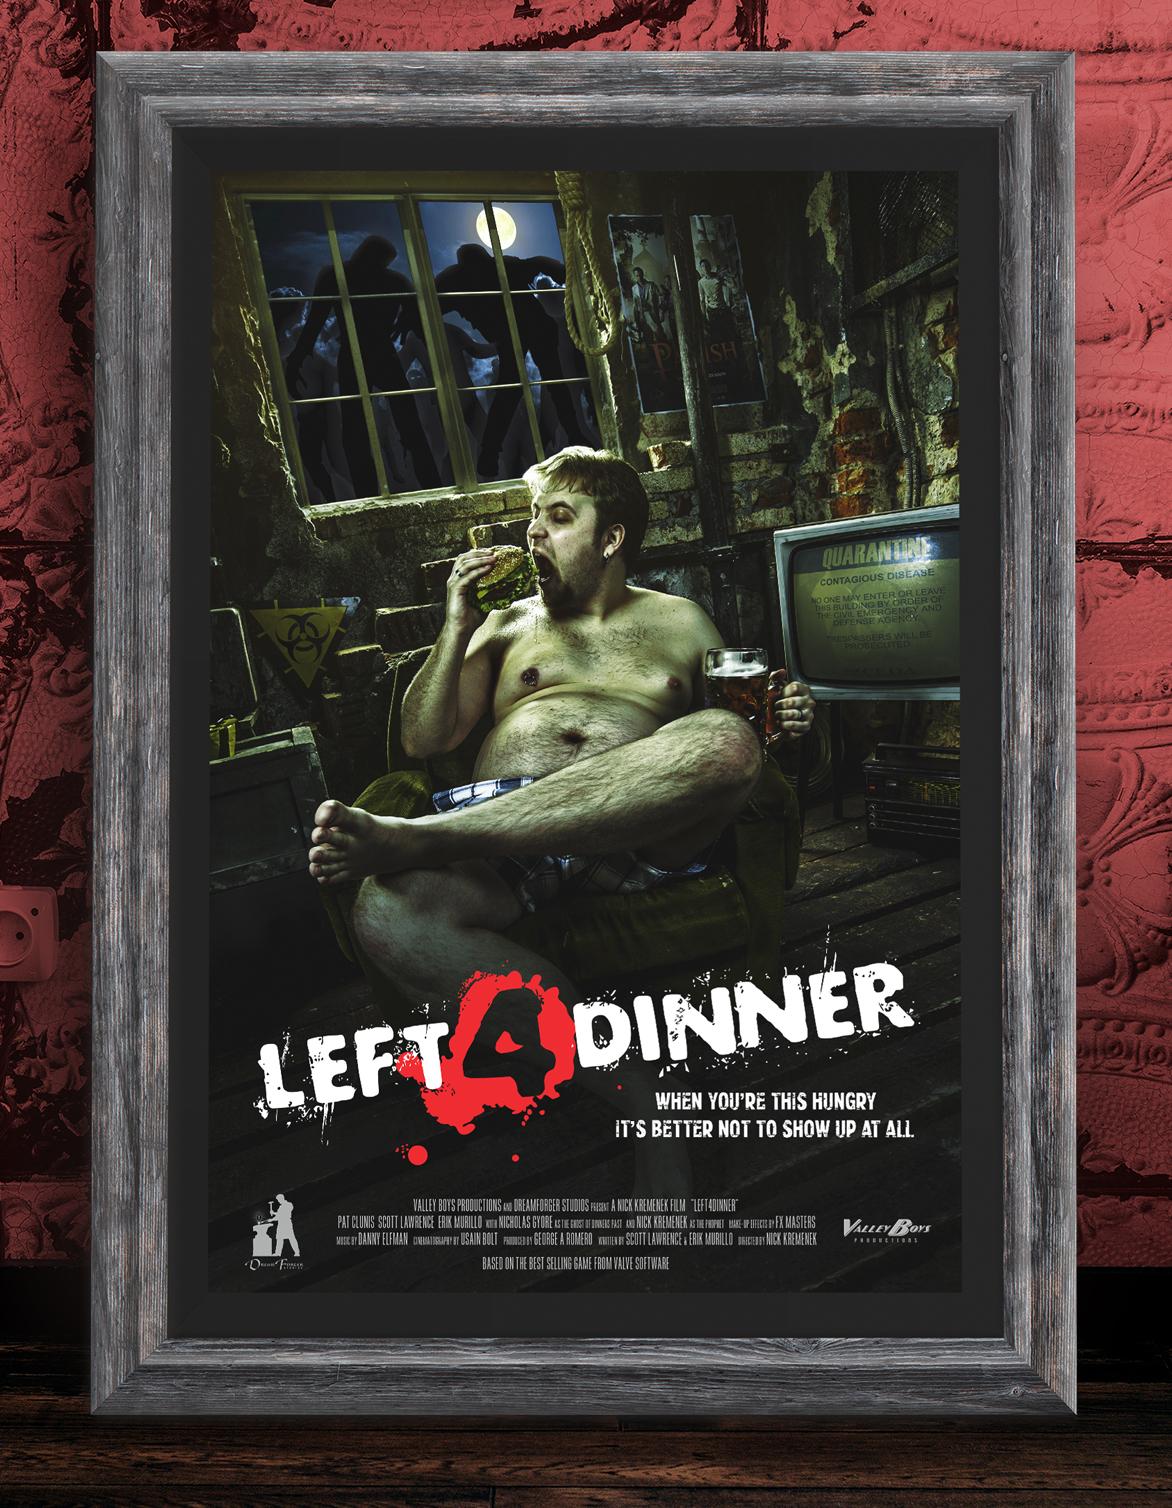 Left4Dinner Poster